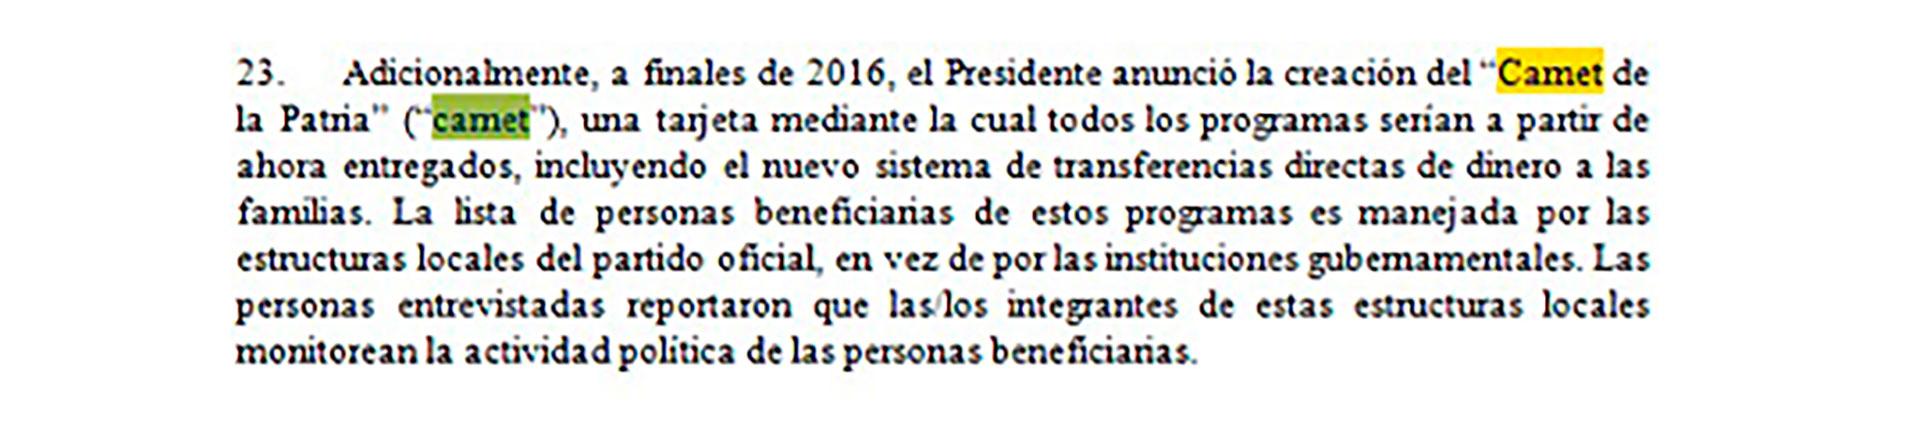 Un extracto del informe de Michelle Bachelet